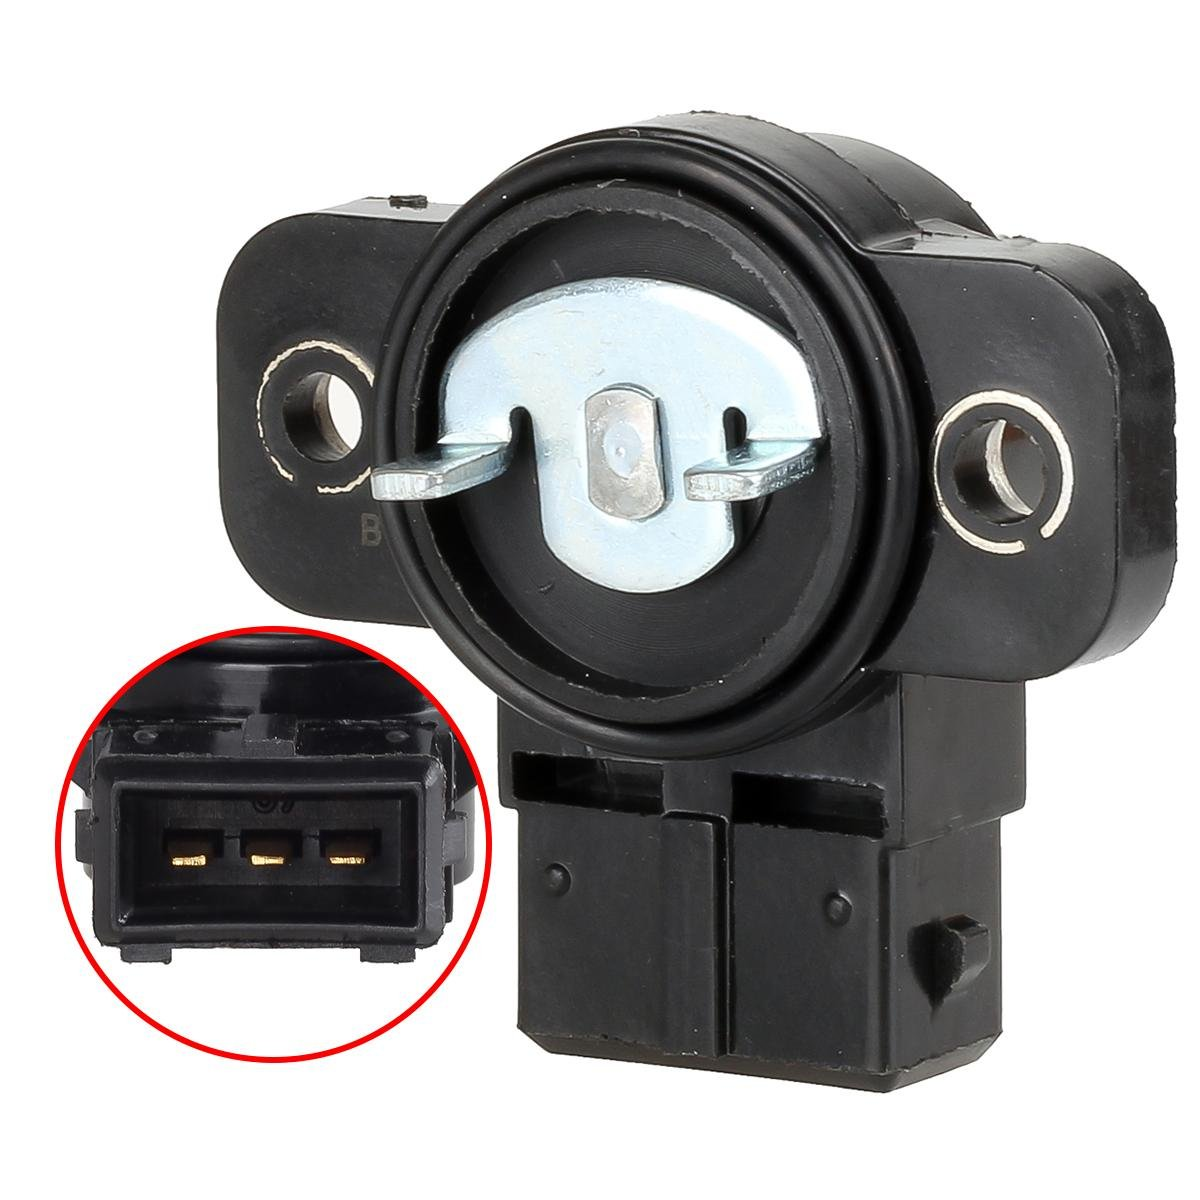 Autex Throttle Position Sensor TPS 3510238610 TH292 compatible with 2001-2006 Hyundai Santa Fe Kia Optima 2002-2005 Hyundai Sonata PartsSquare